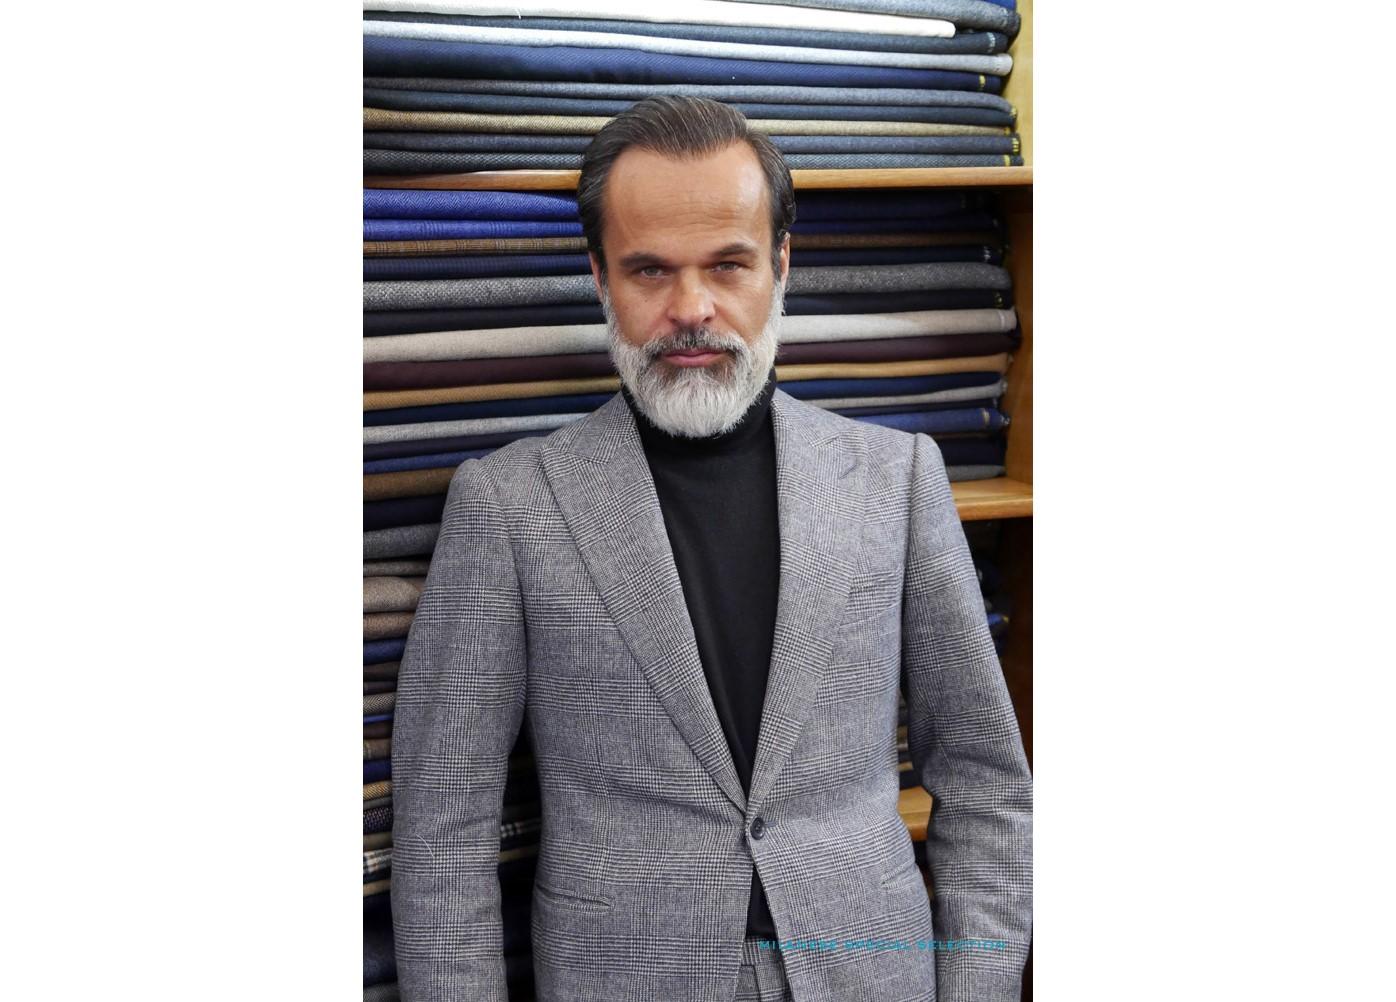 Là encore, un peu comme de celui de Philippe Noiret, je ne suis pas fanatique du style de Lorenzo Cifonelli, mais il fait partie des très rares créateurs de mode qui aient vraiment bon goût.